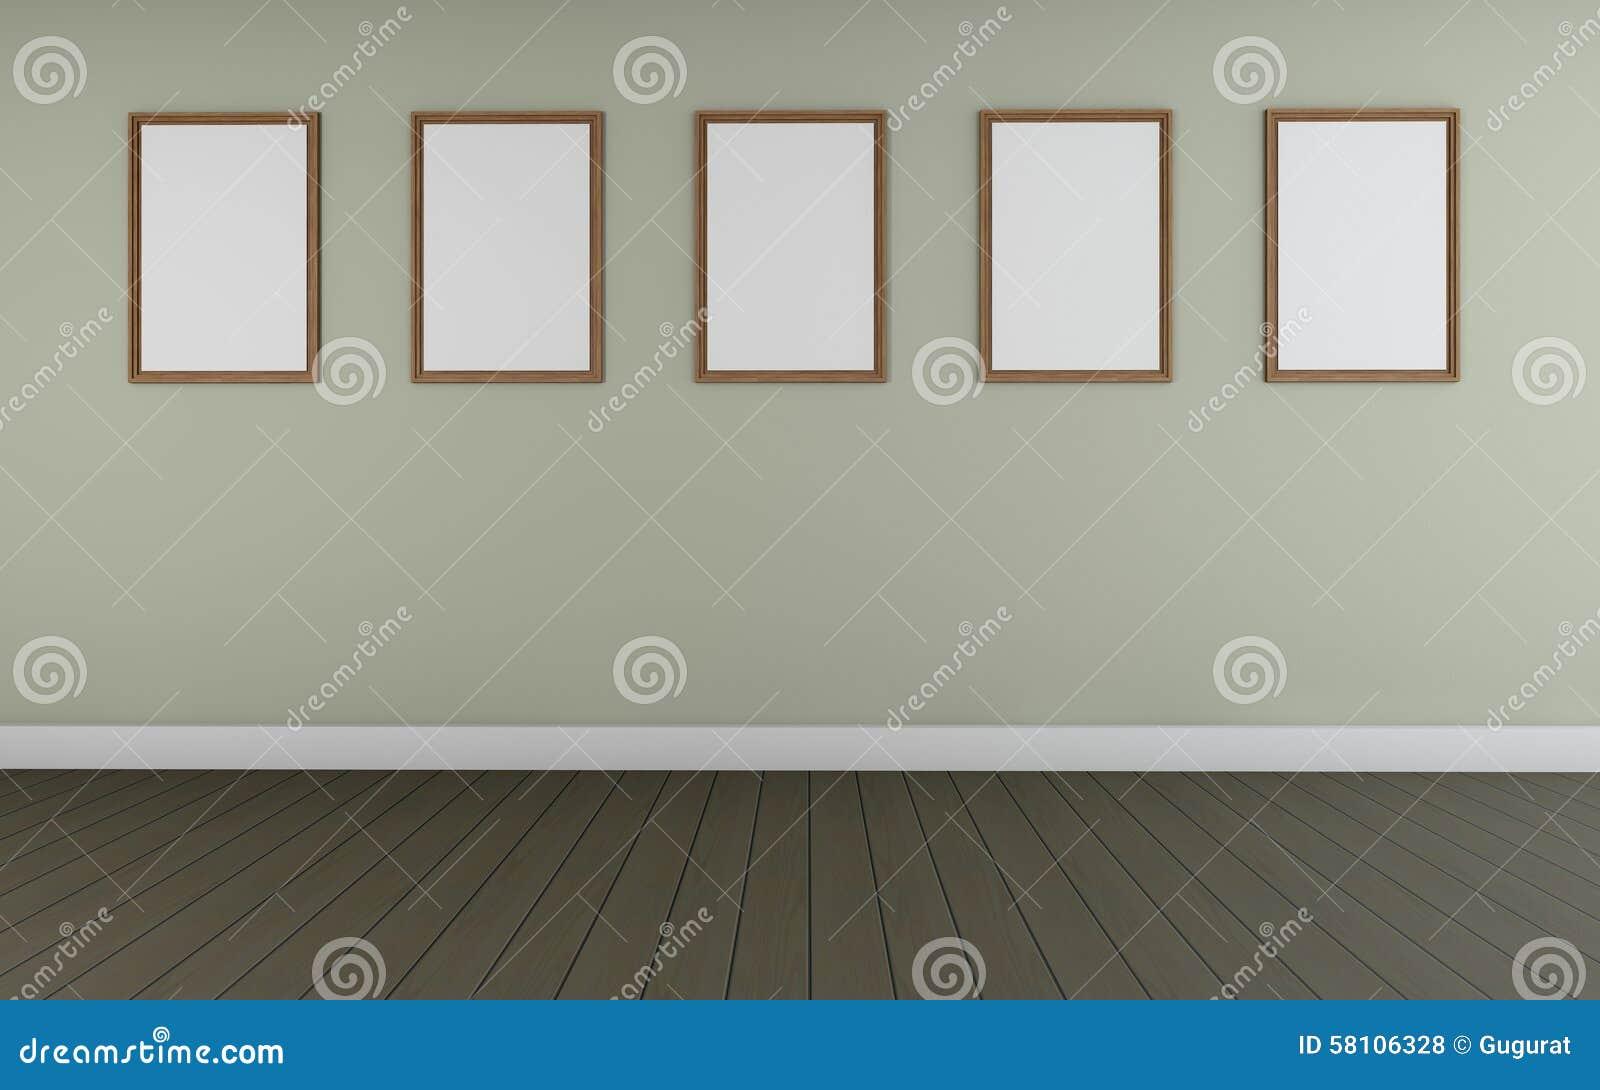 Art Gallery-Perspektive Zwei Zeigen Und Fünf Bilderrahmen Monocom ...